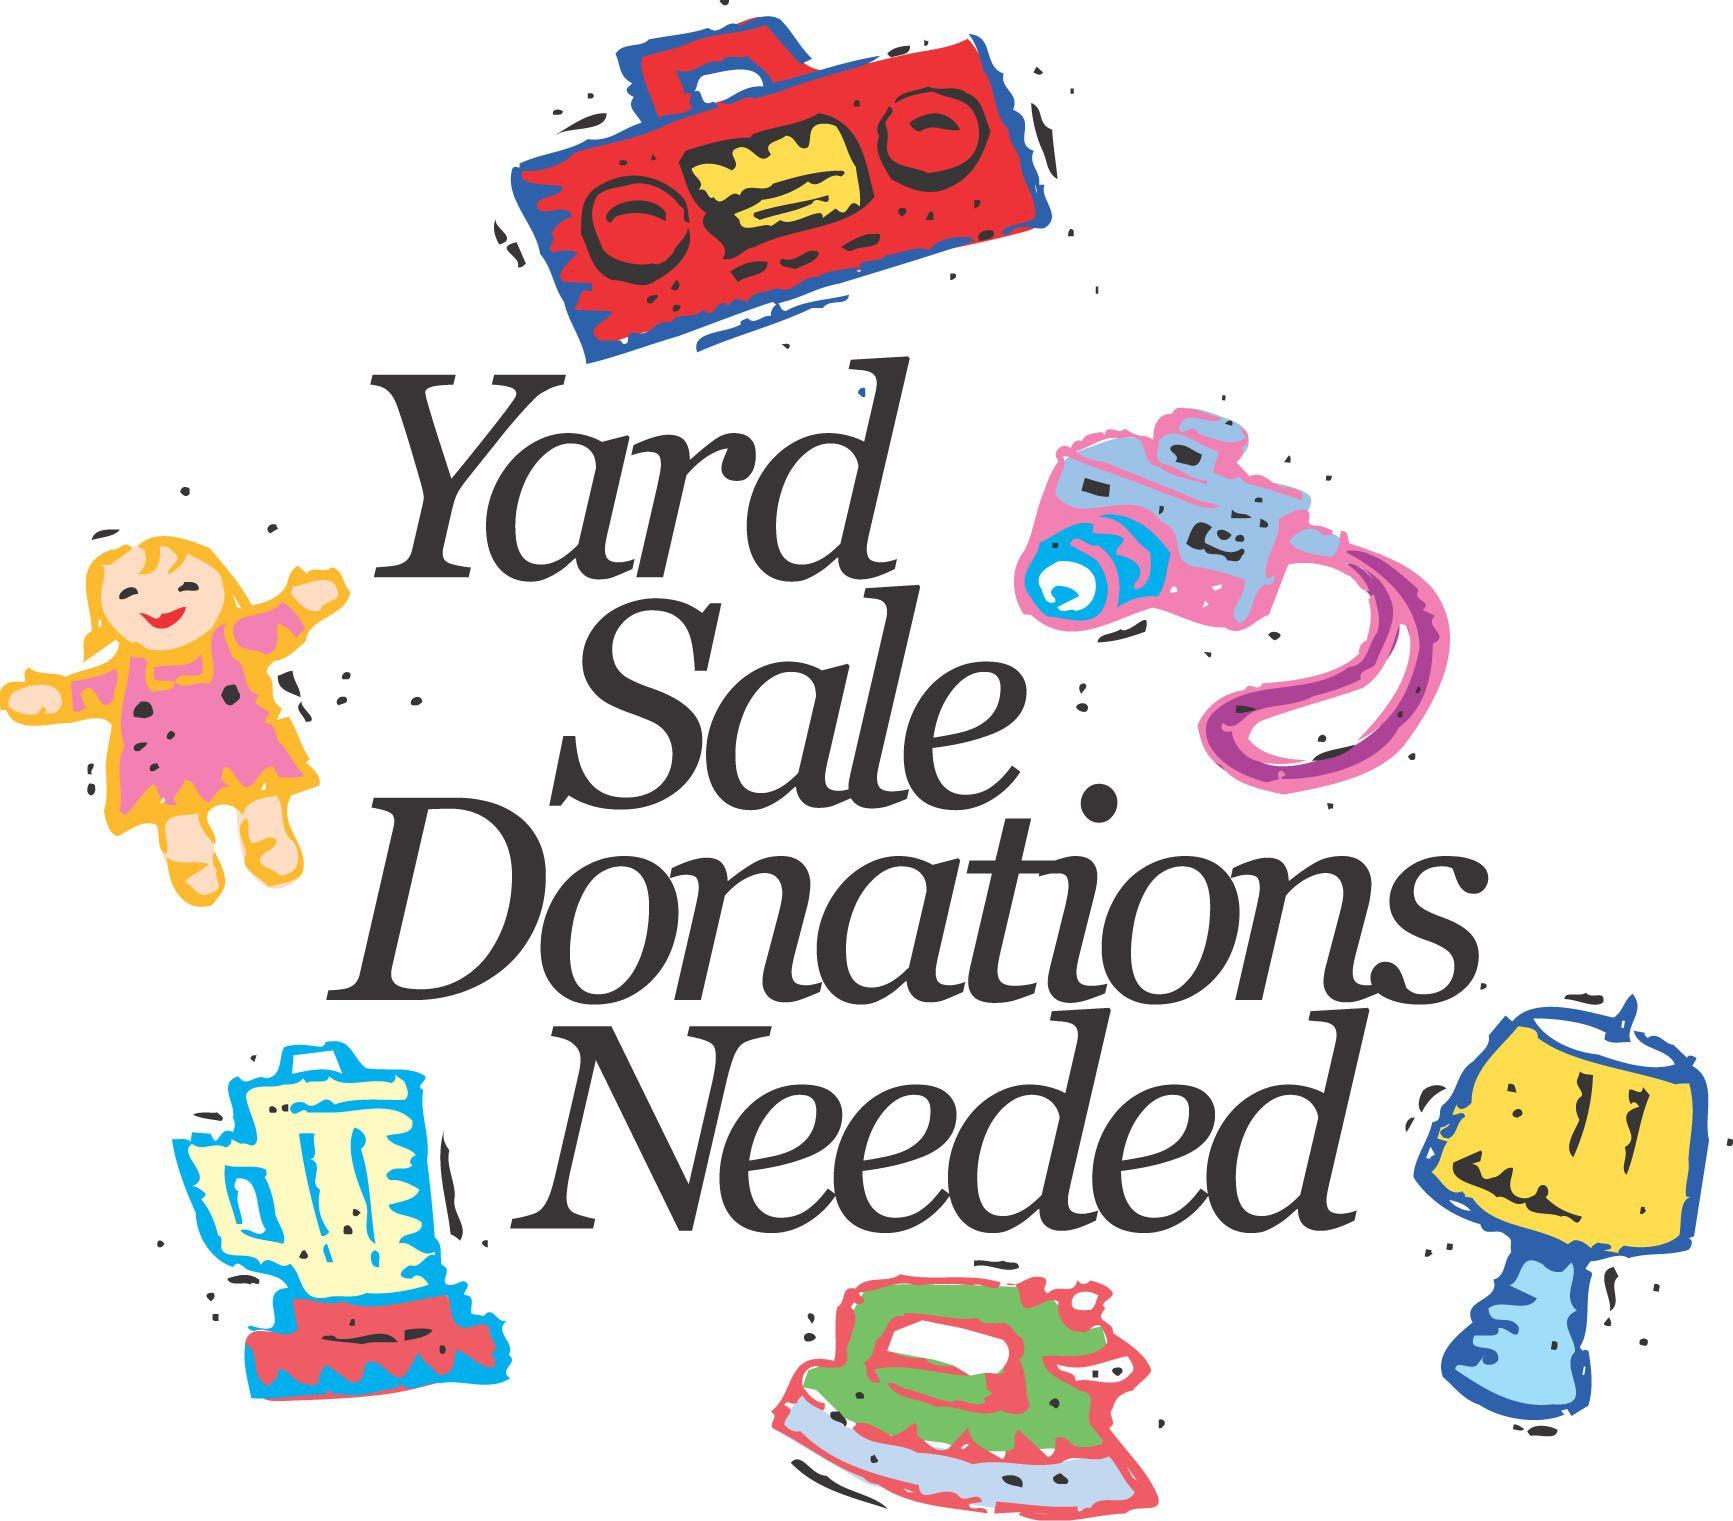 yard sale clip art free - ClipartFest | Boutique | Yard ...